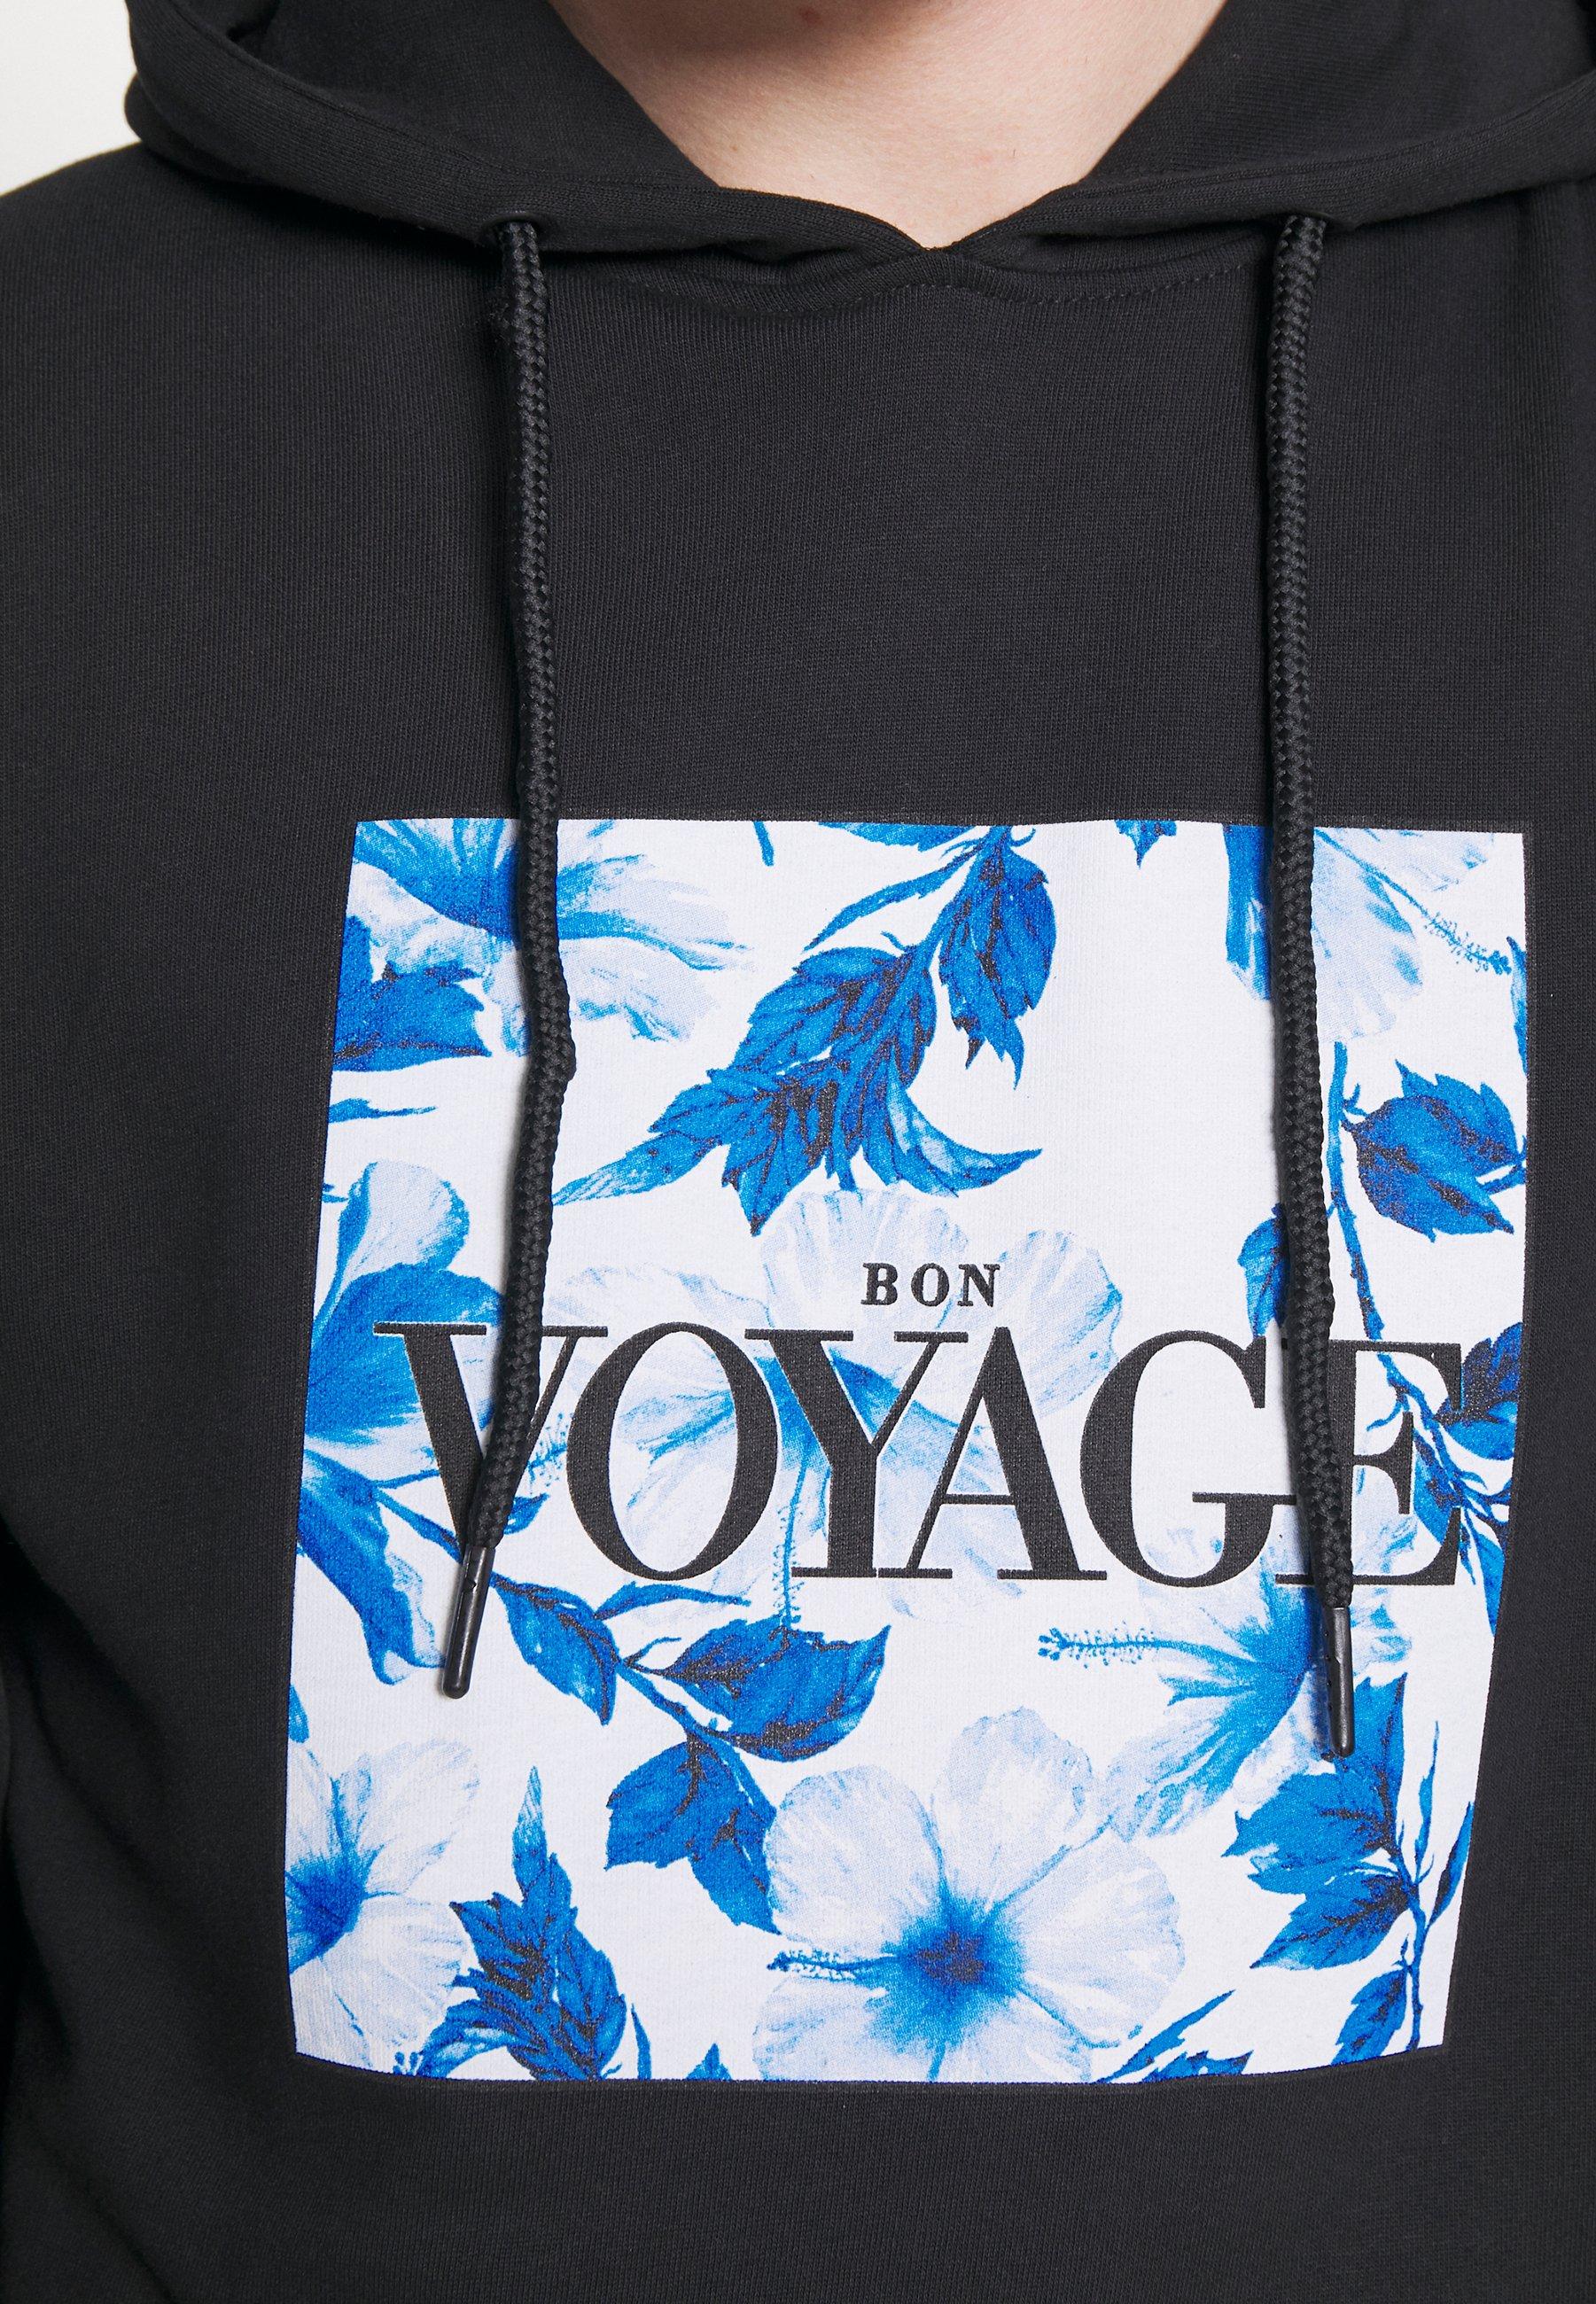 Cayler & Sons Voyage Japanese Flowers Hoody - Luvtröja Black